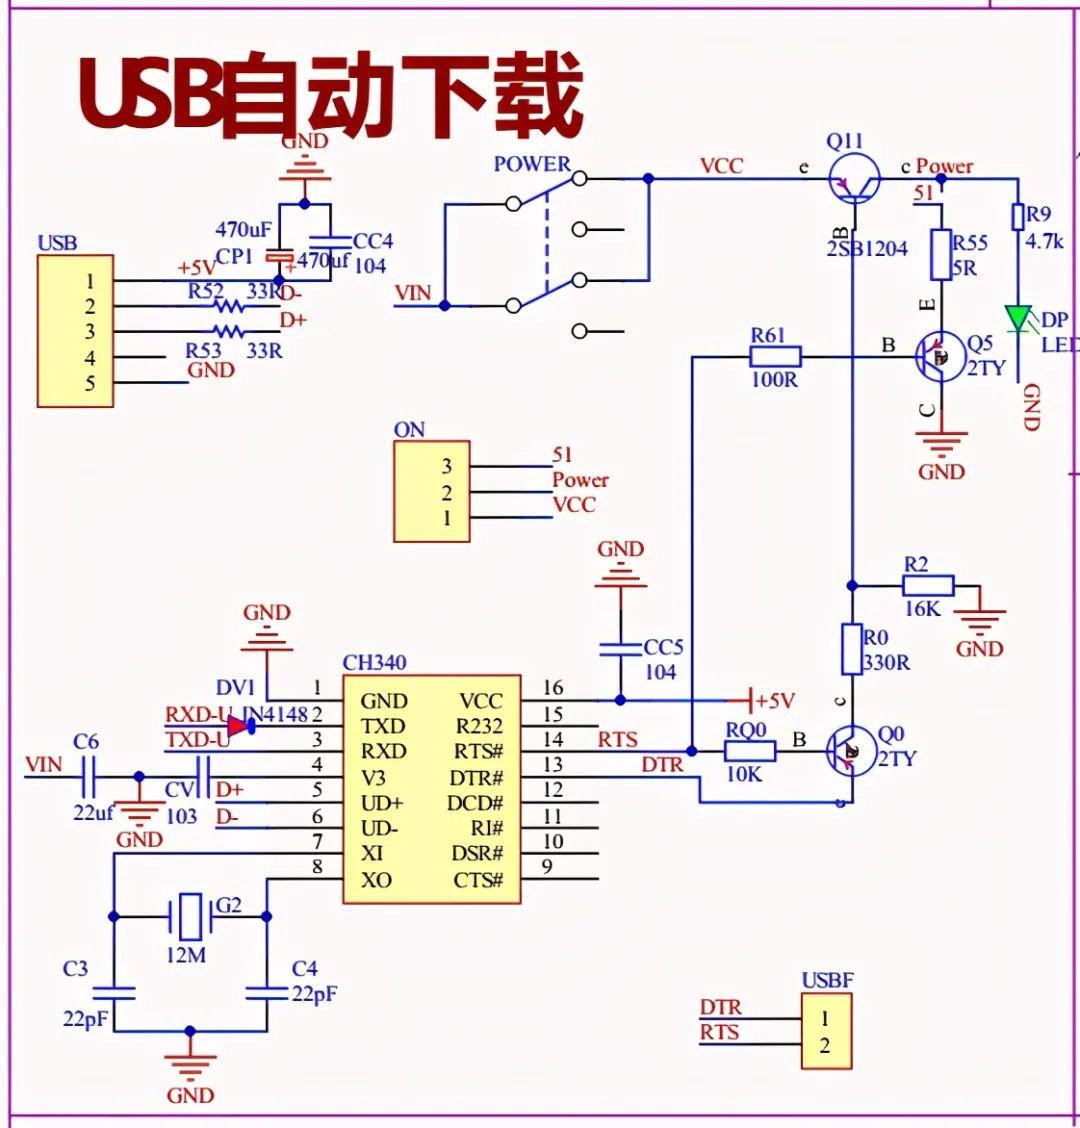 d279ad7a-a2ce-11eb-aece-12bb97331649.jpg